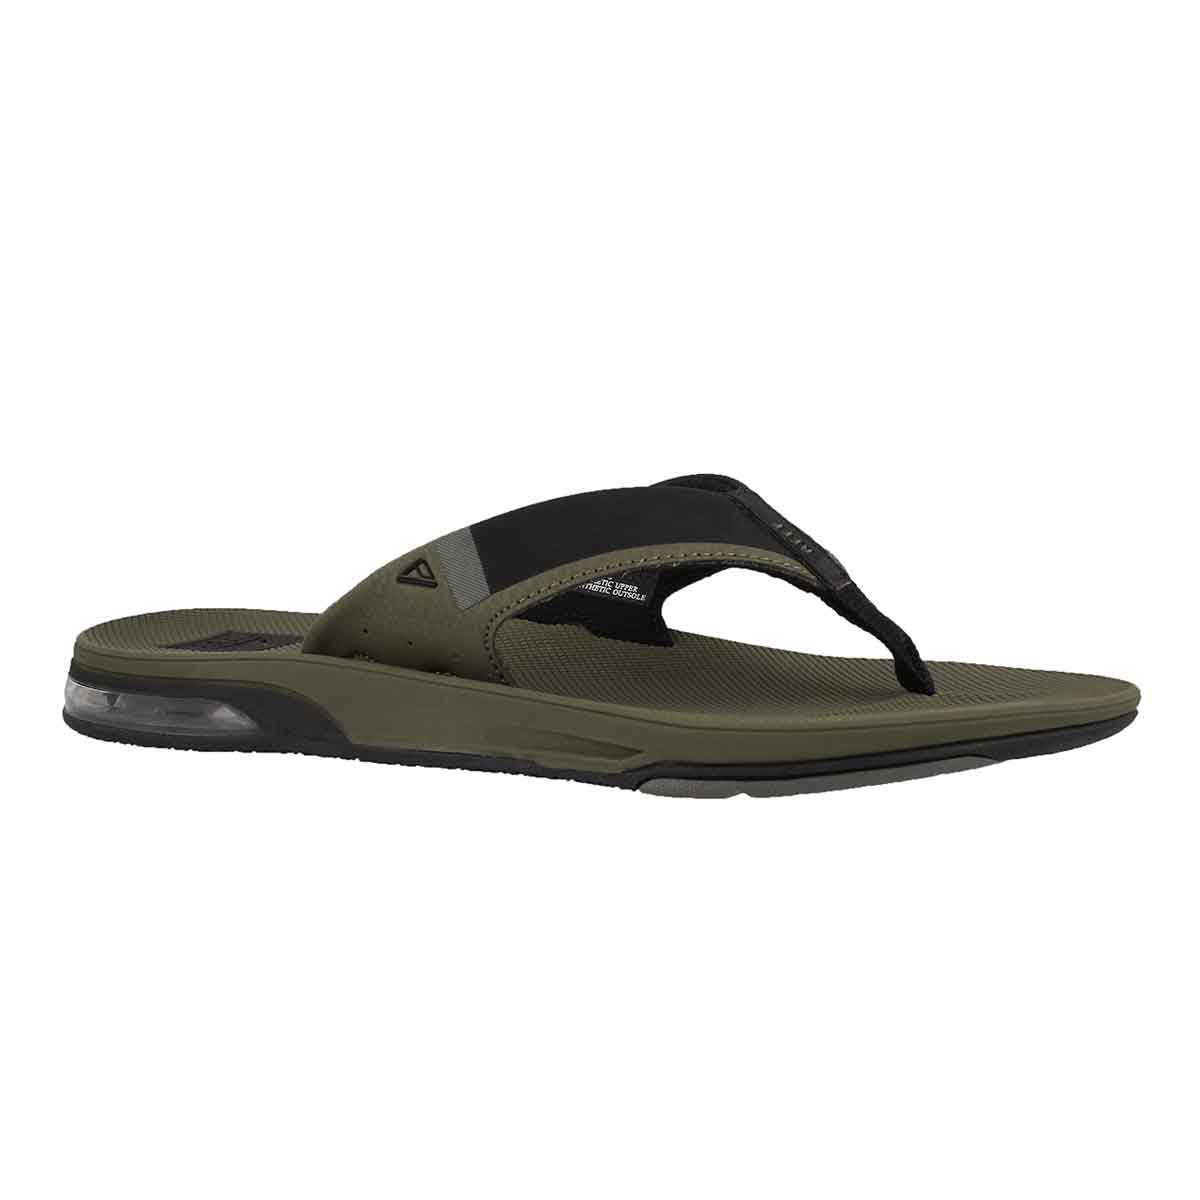 Men's FANNING 2.0 olive thong sandal